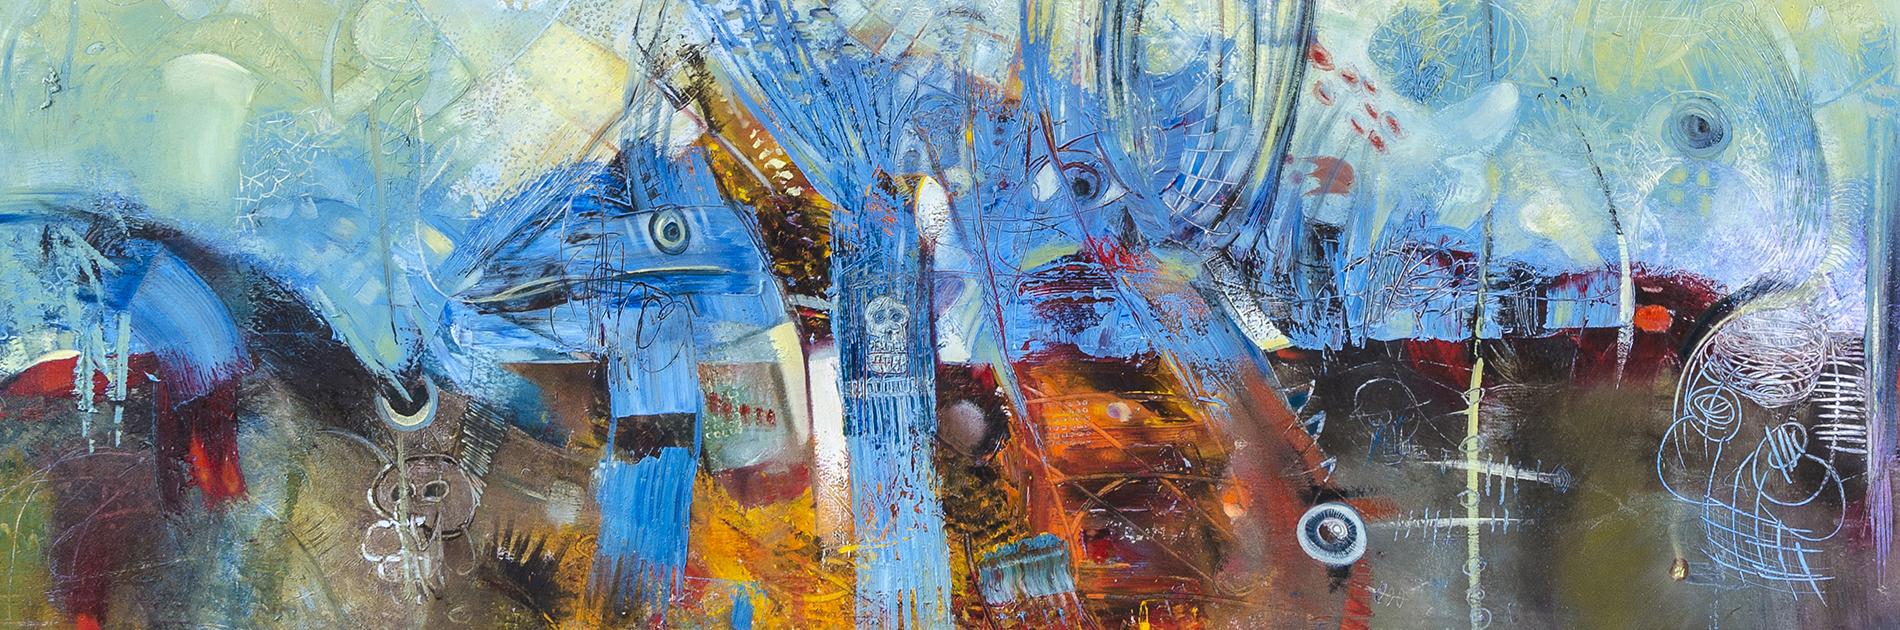 banner - sobre mí - Peces de ciudad 7 - Alex Cuchilla - El Salvador